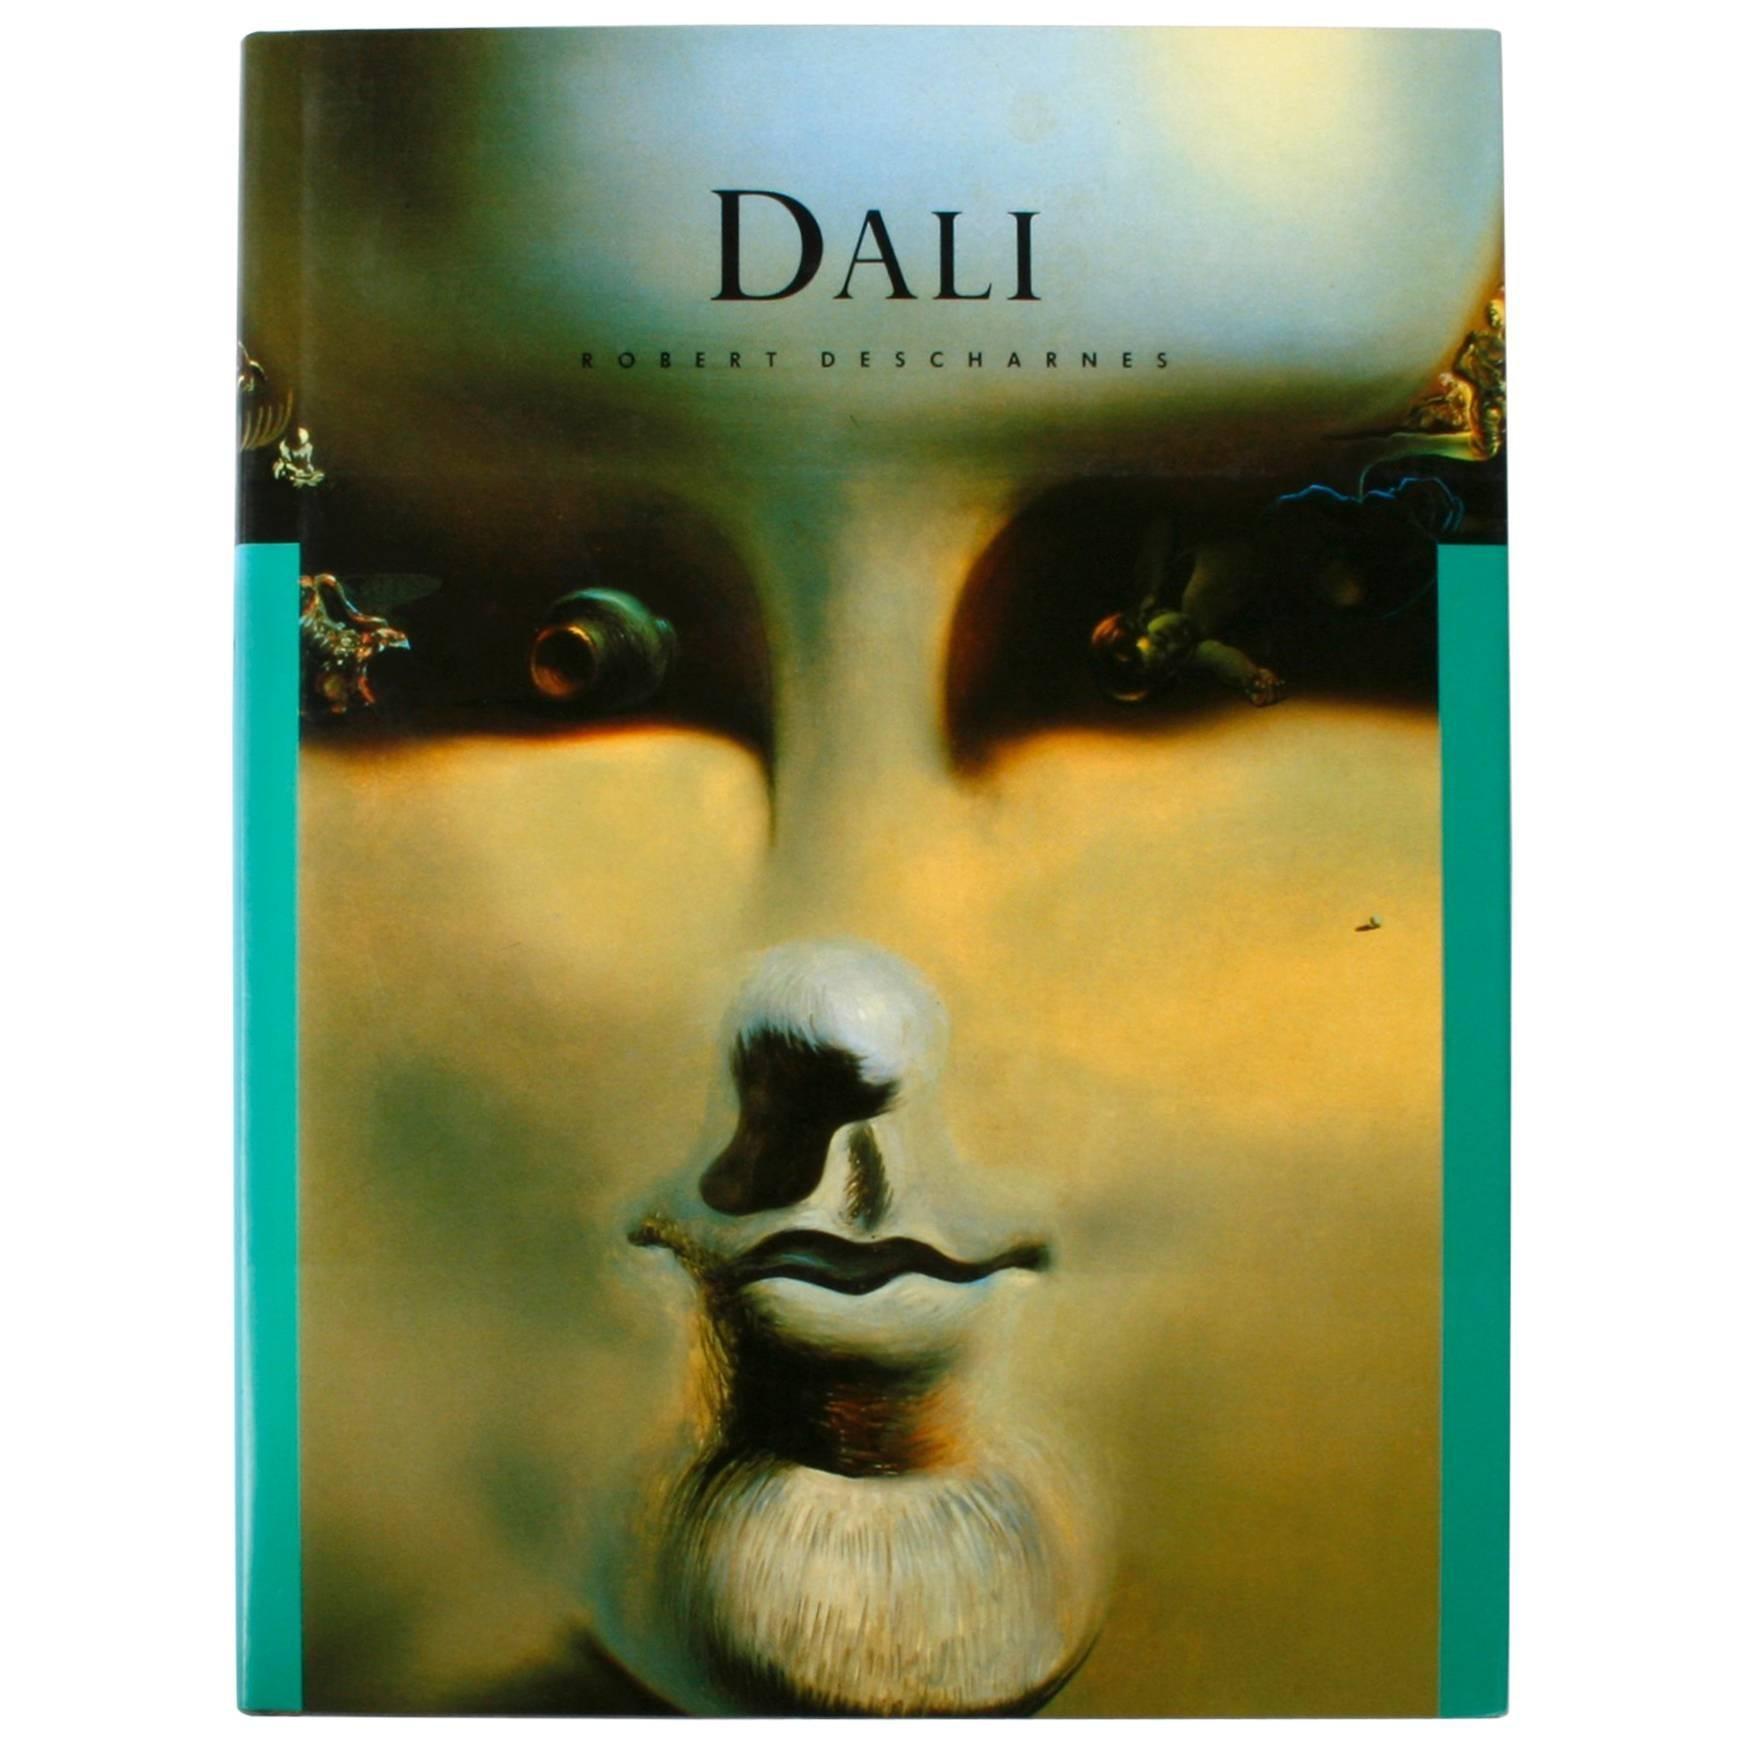 Dali by Robert Descharnes, 1st Ed Thus